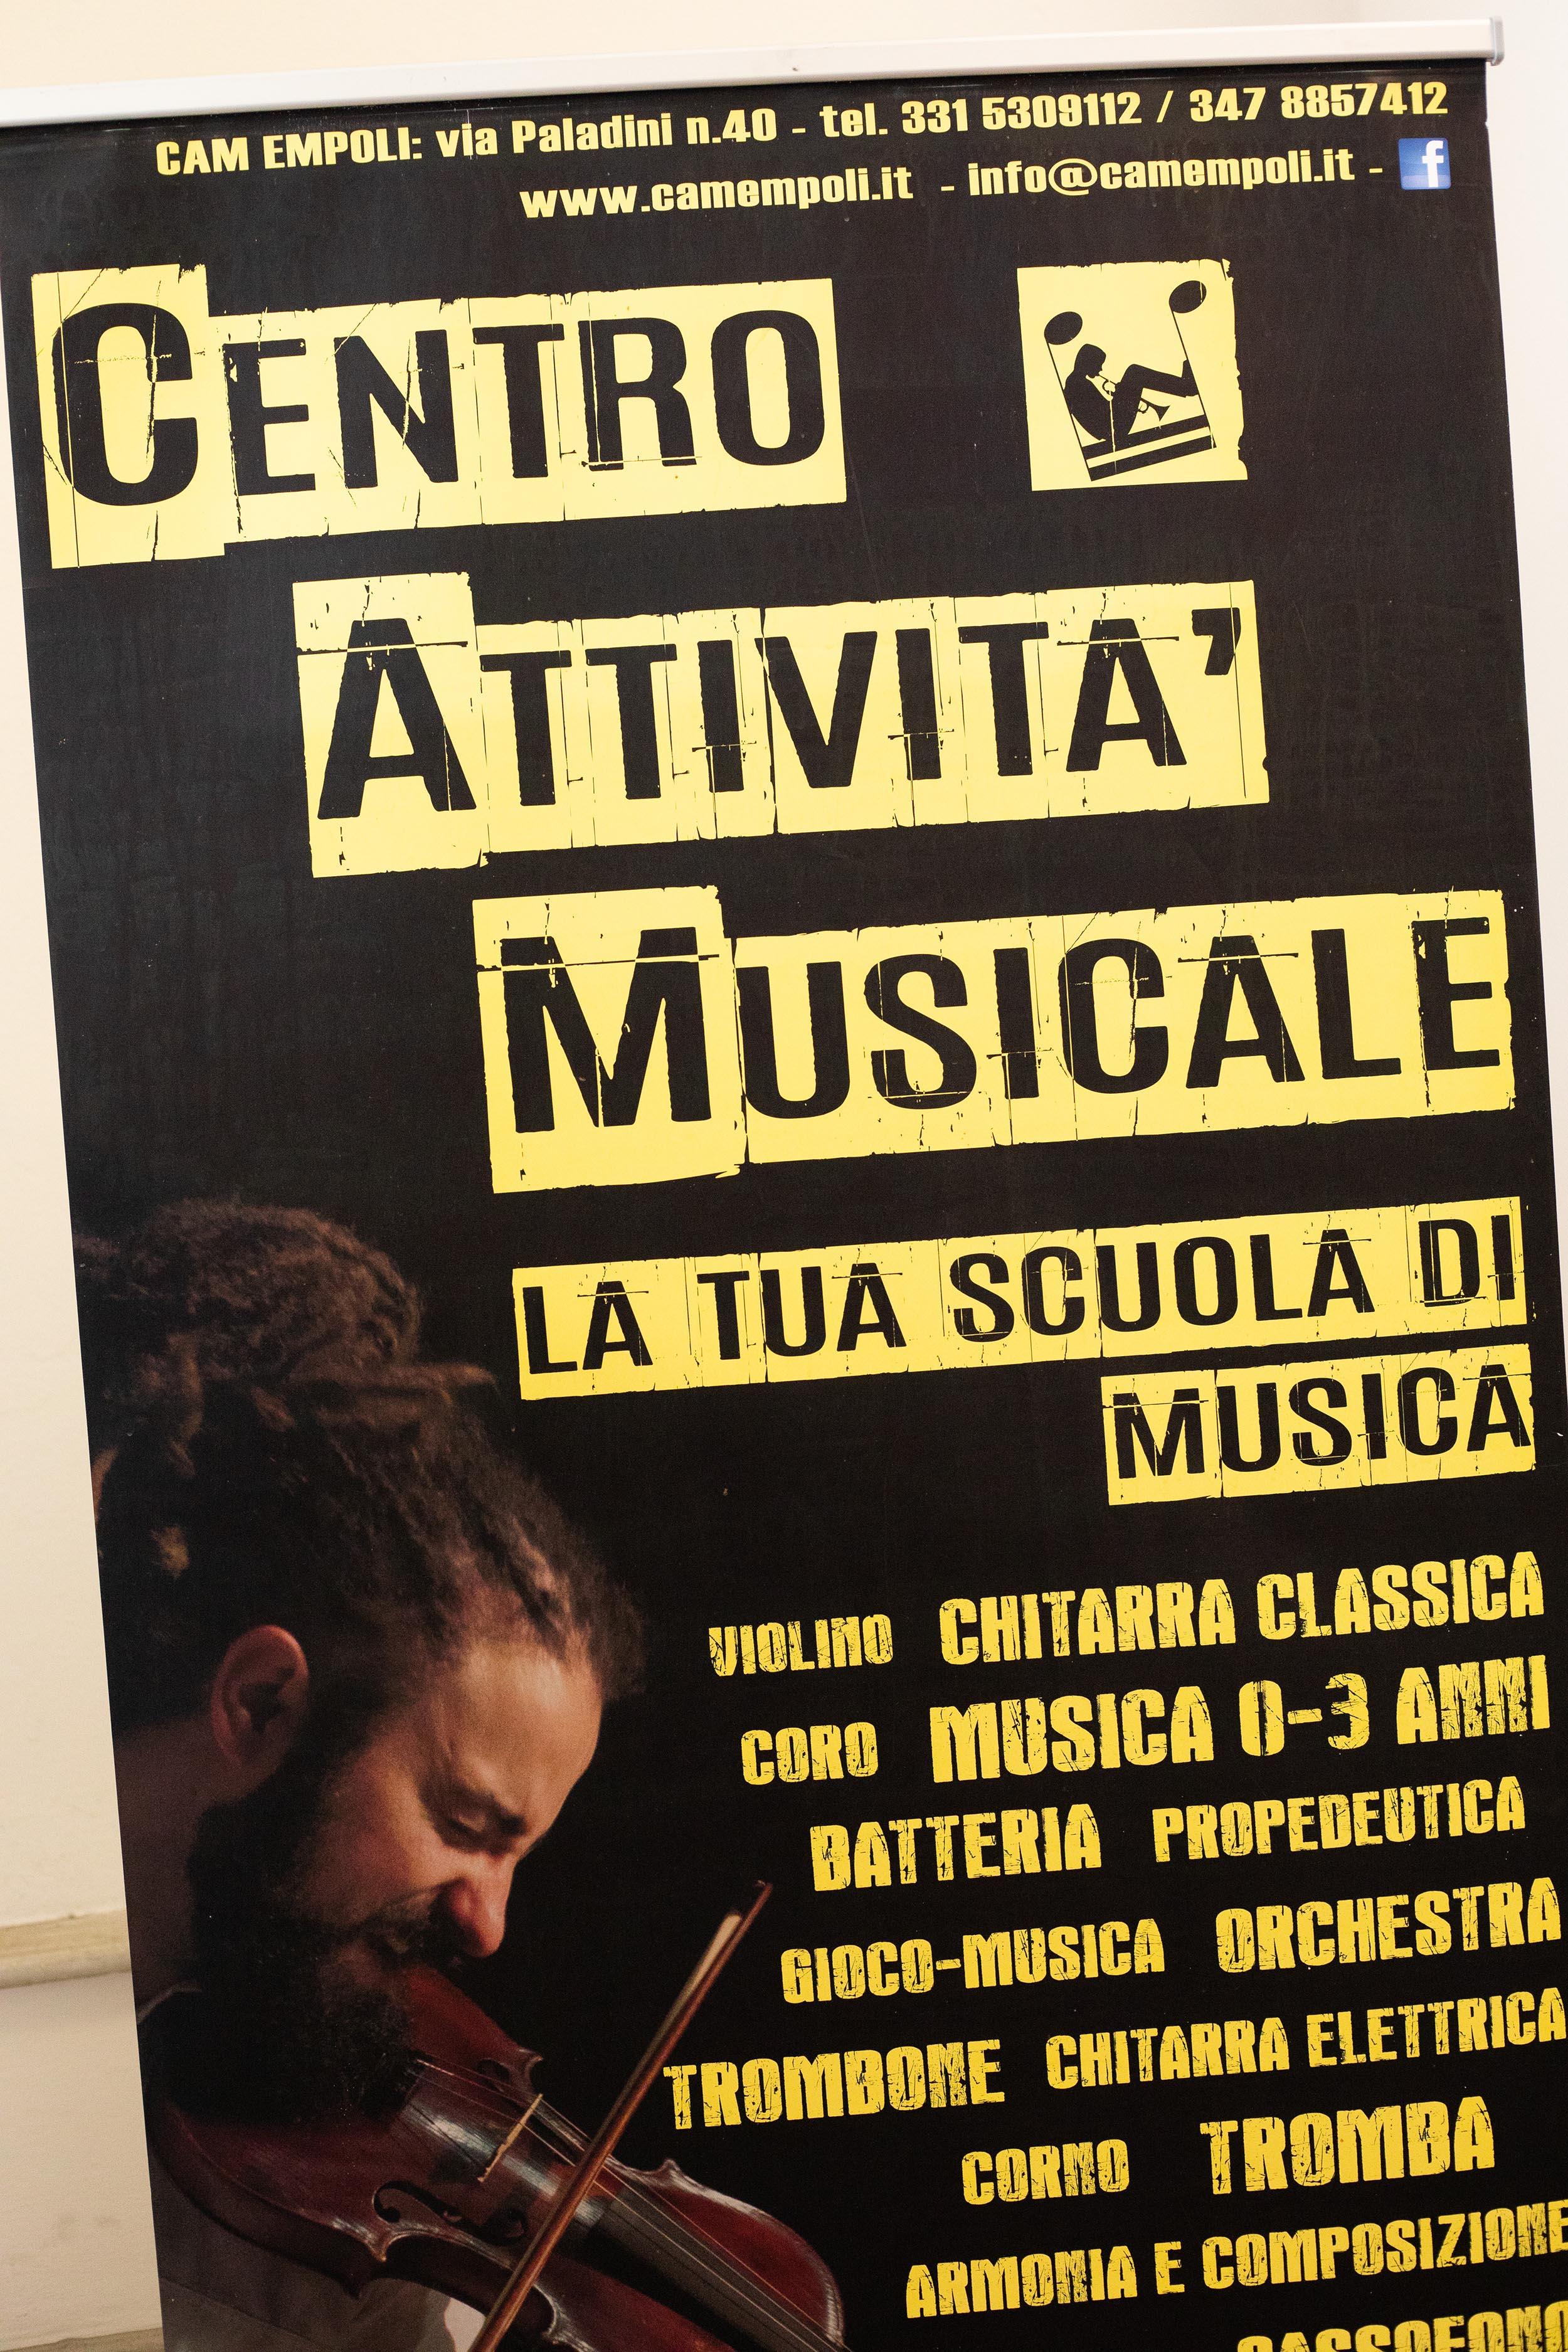 Centro Attività Musicali